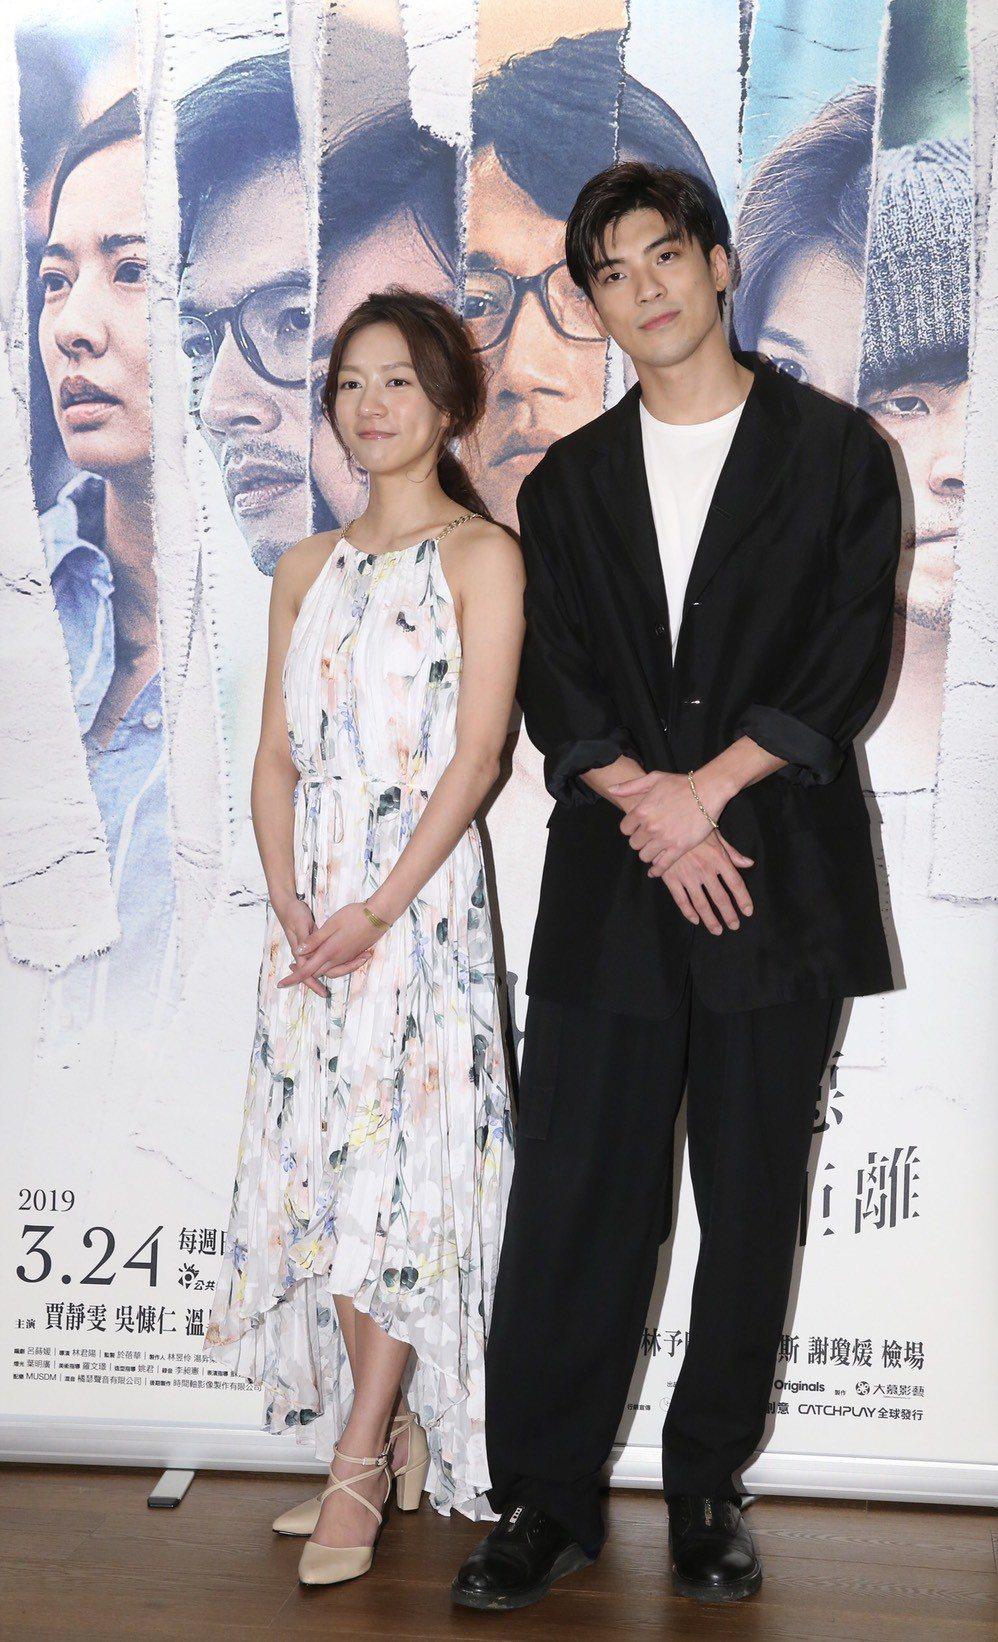 陳妤(左)、林哲熹劇中被安排有曖昧情愫。記者許正宏/攝影